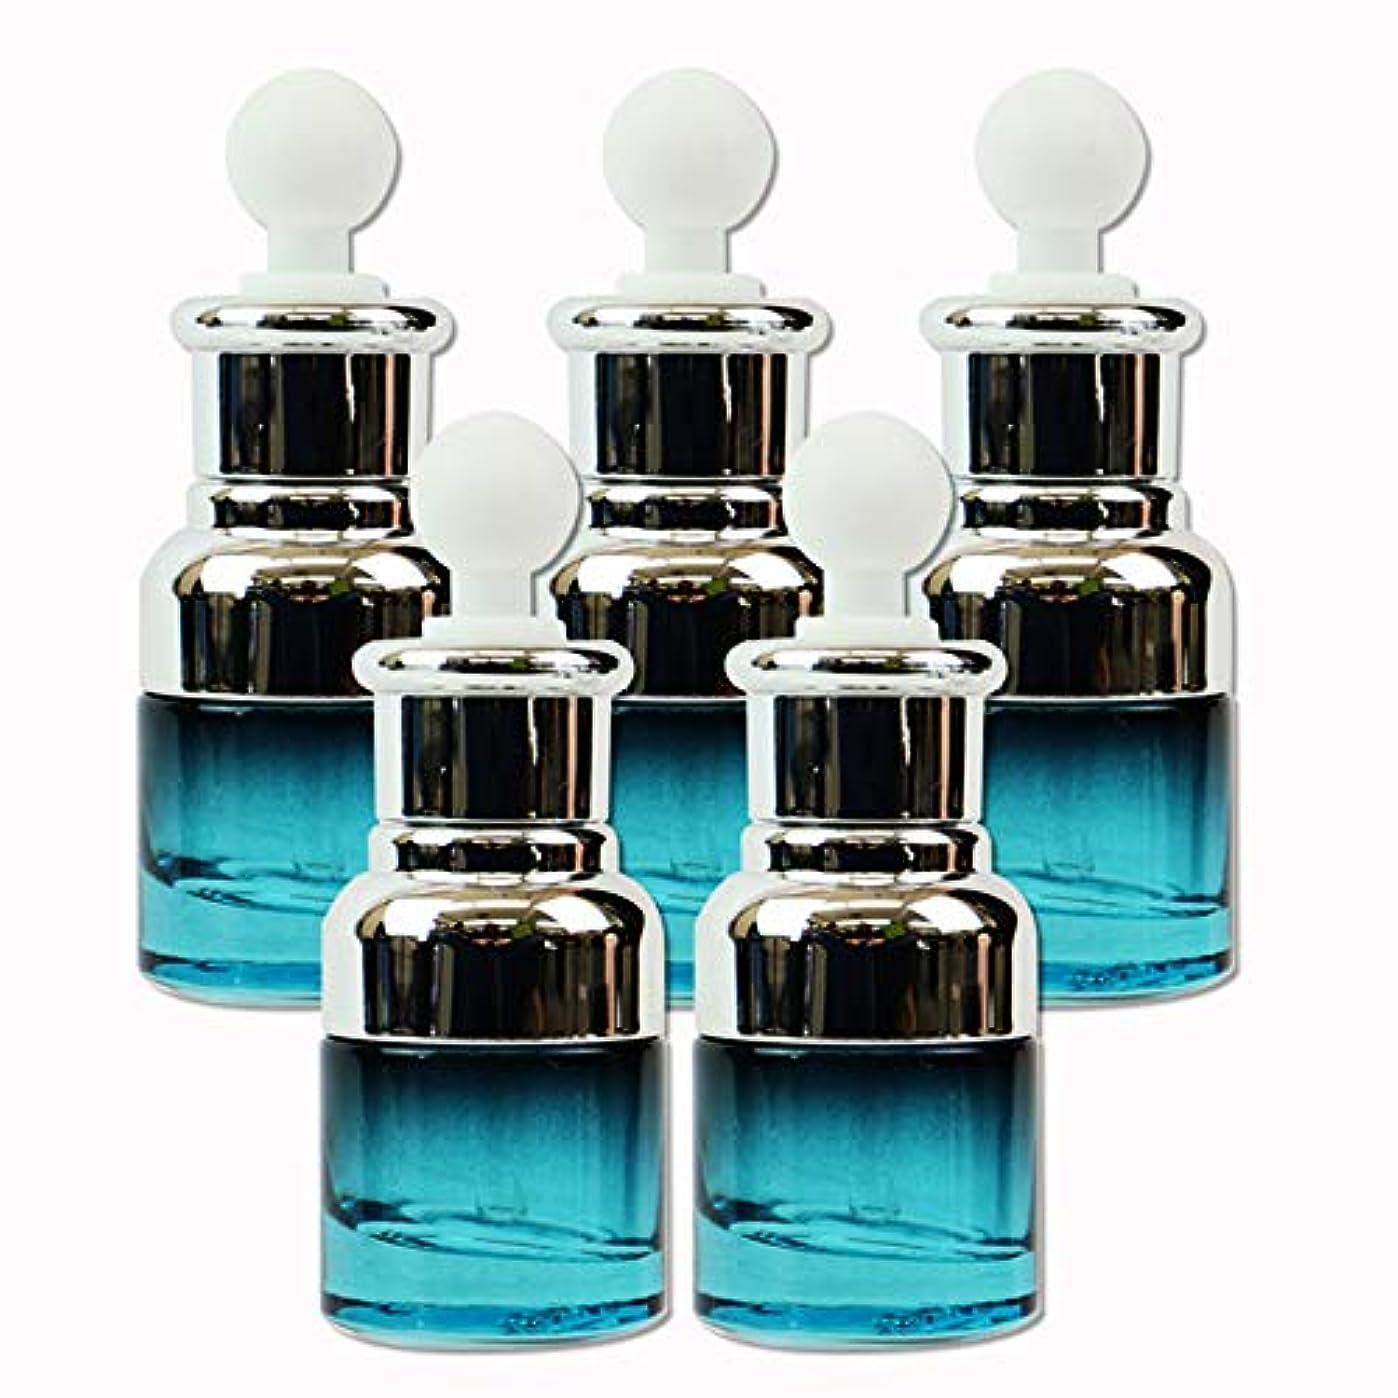 花弁神社コンセンサスedog ガラス製 遮光ボトル 5本セット スポイト式 20ml 香水 エッセンシャルオイル アロマ